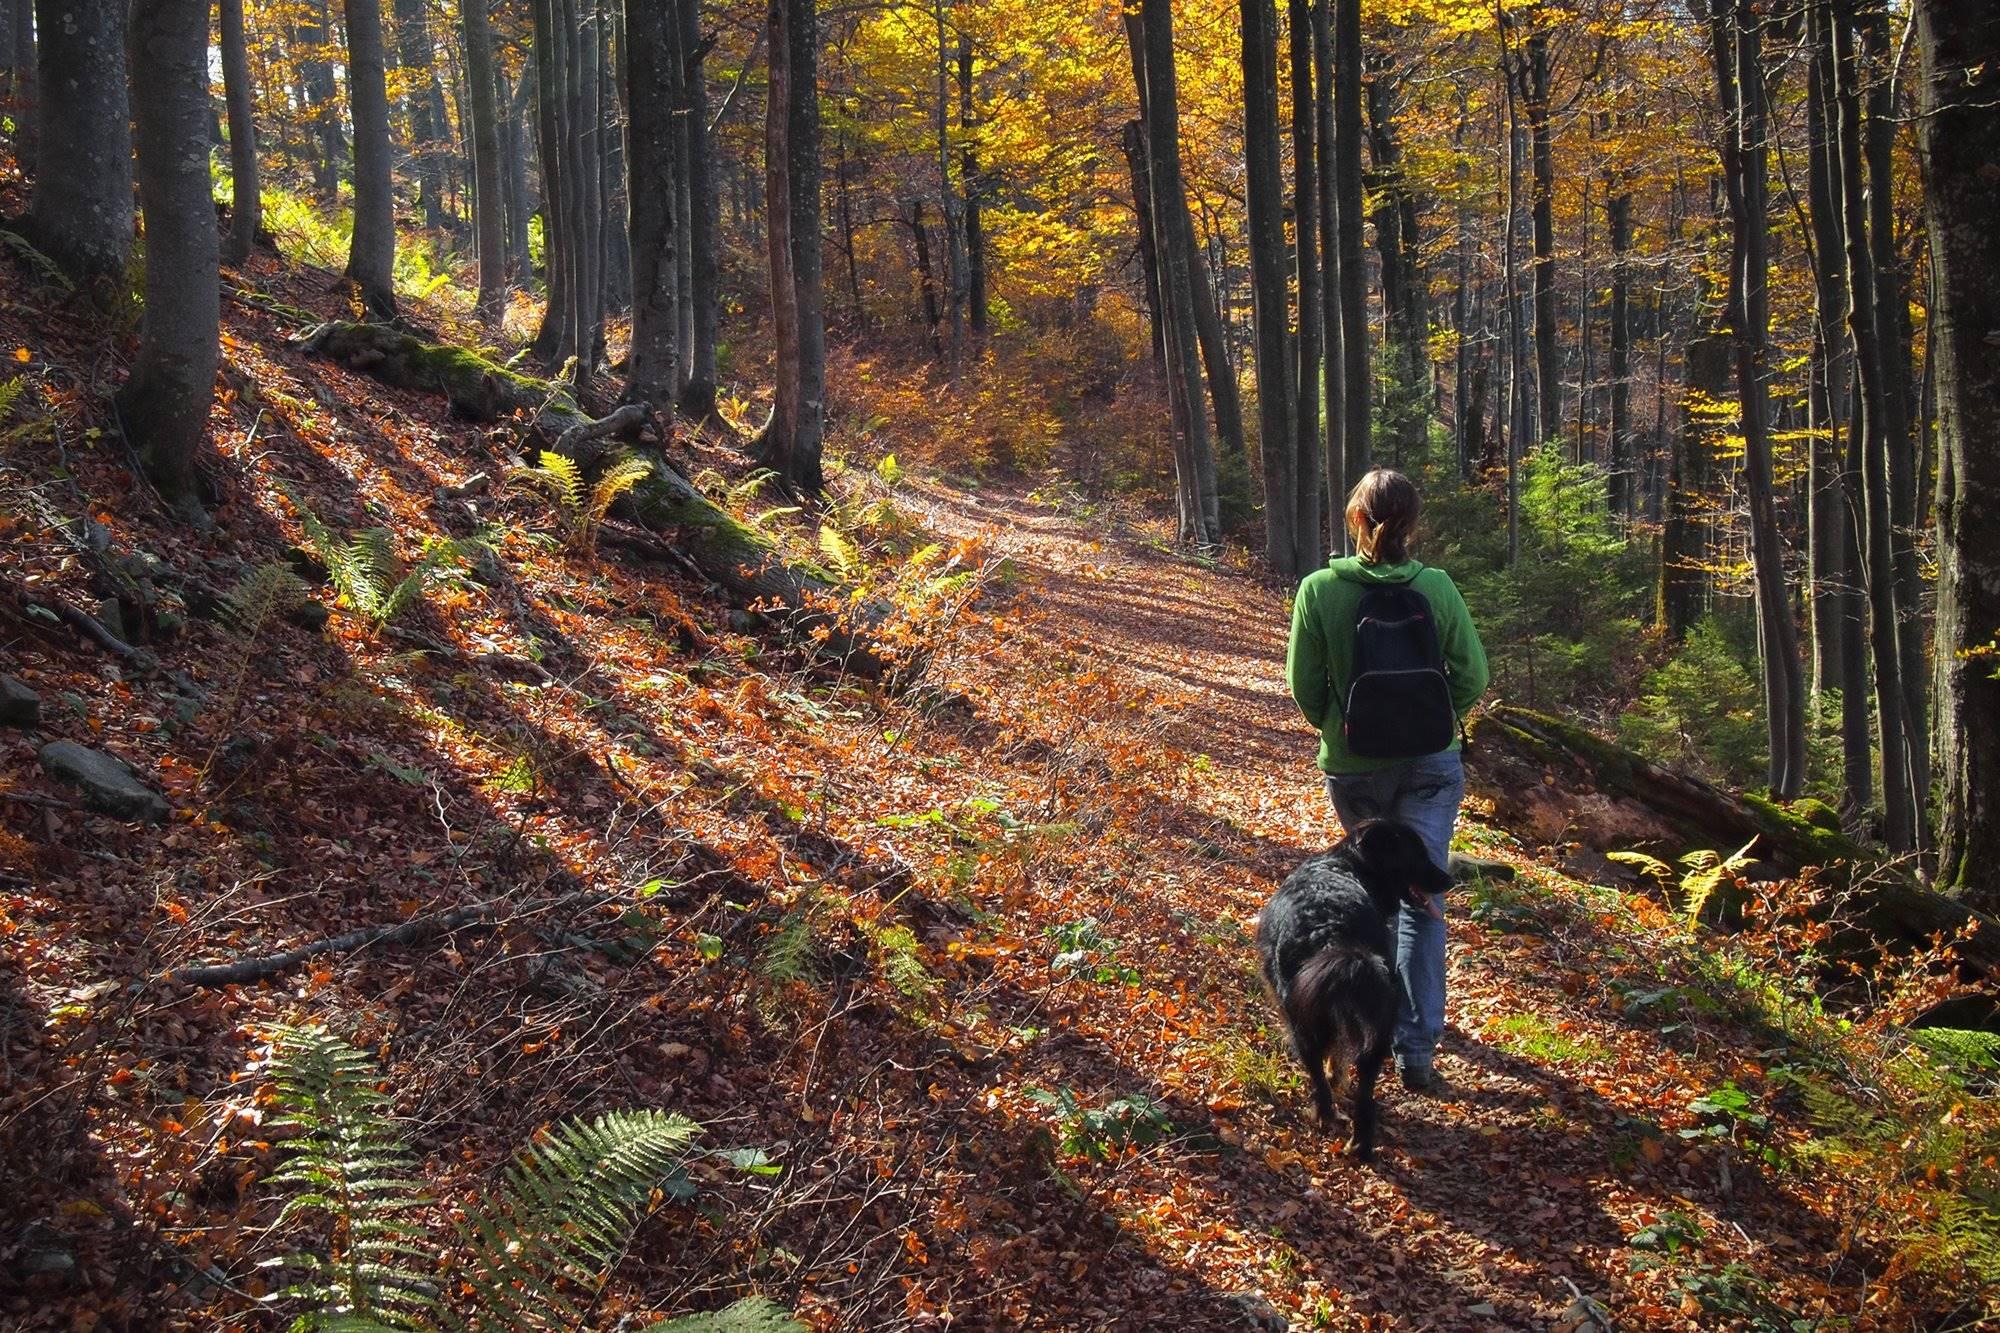 El senderismo es una buena opción para empezar las aventuras con animales. Foto: Shutterstock